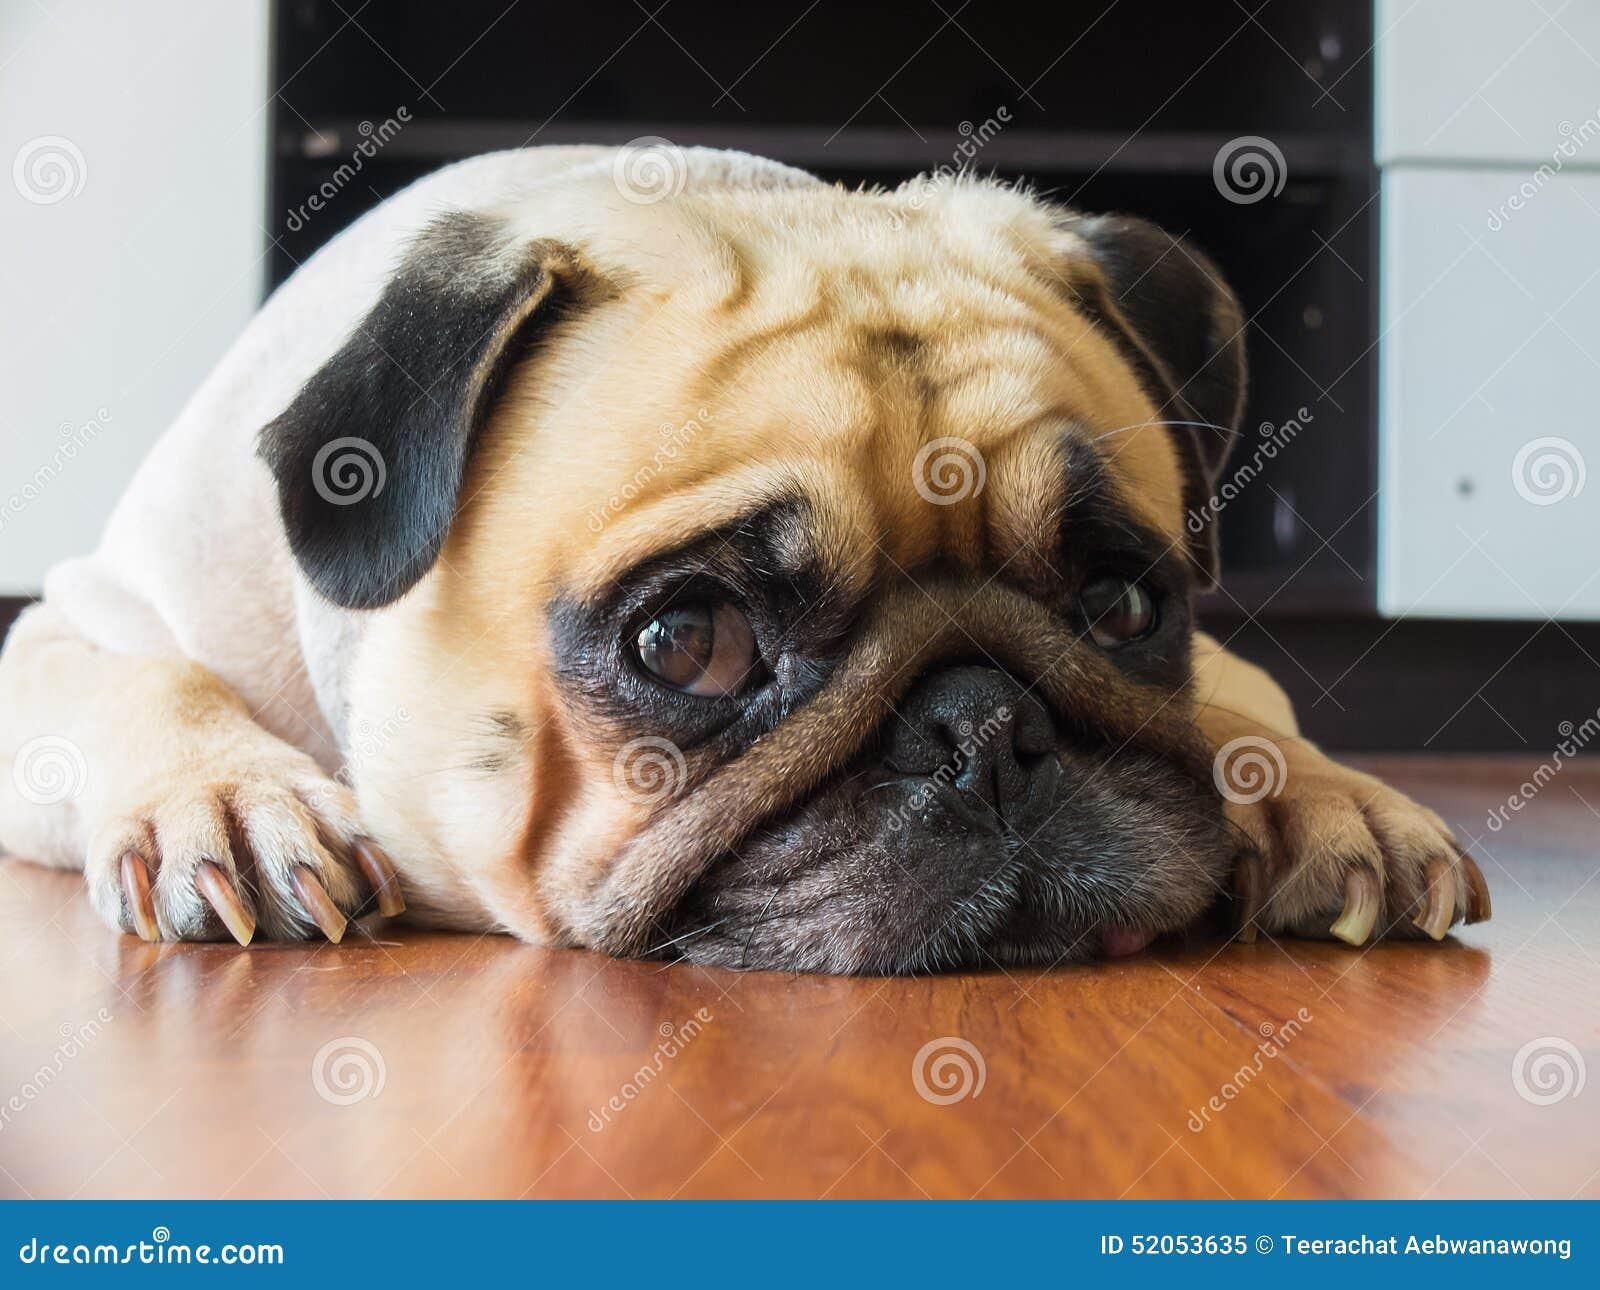 Сторона конца-вверх милых остатков собаки щенка мопса подбородком и язык кладут вниз на слоистый пол и смотрят к камере